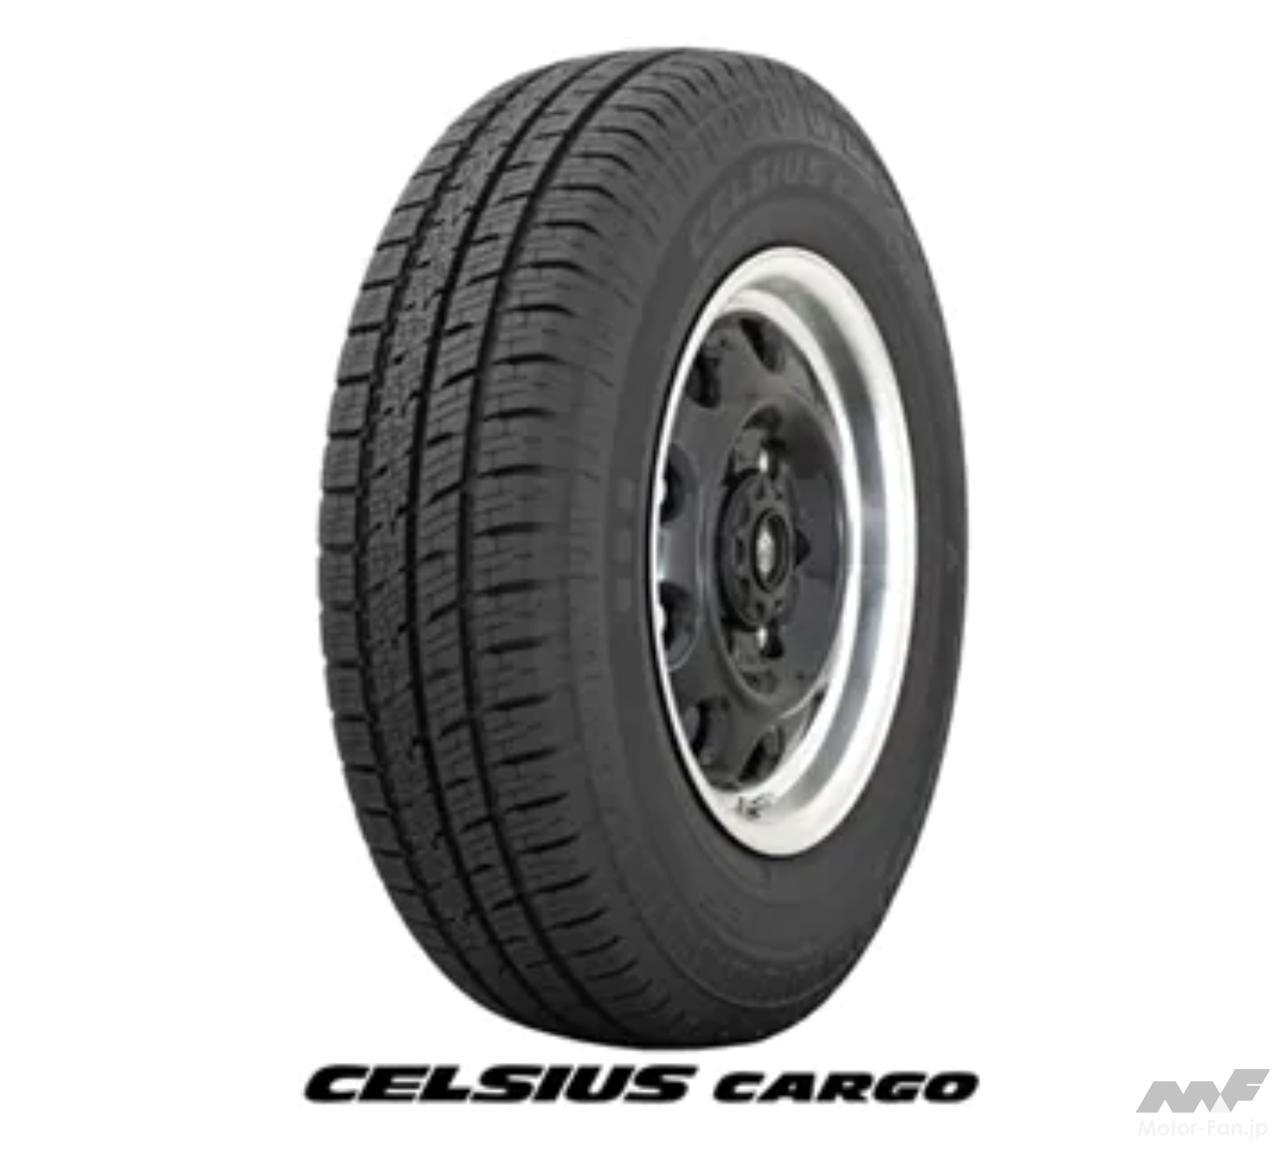 「トーヨータイヤからビジネスバン専用のオールシーズンタイヤ「セルシアス カーゴ」が登場! サイズは195/80R15で10月に発売」の2枚目の画像